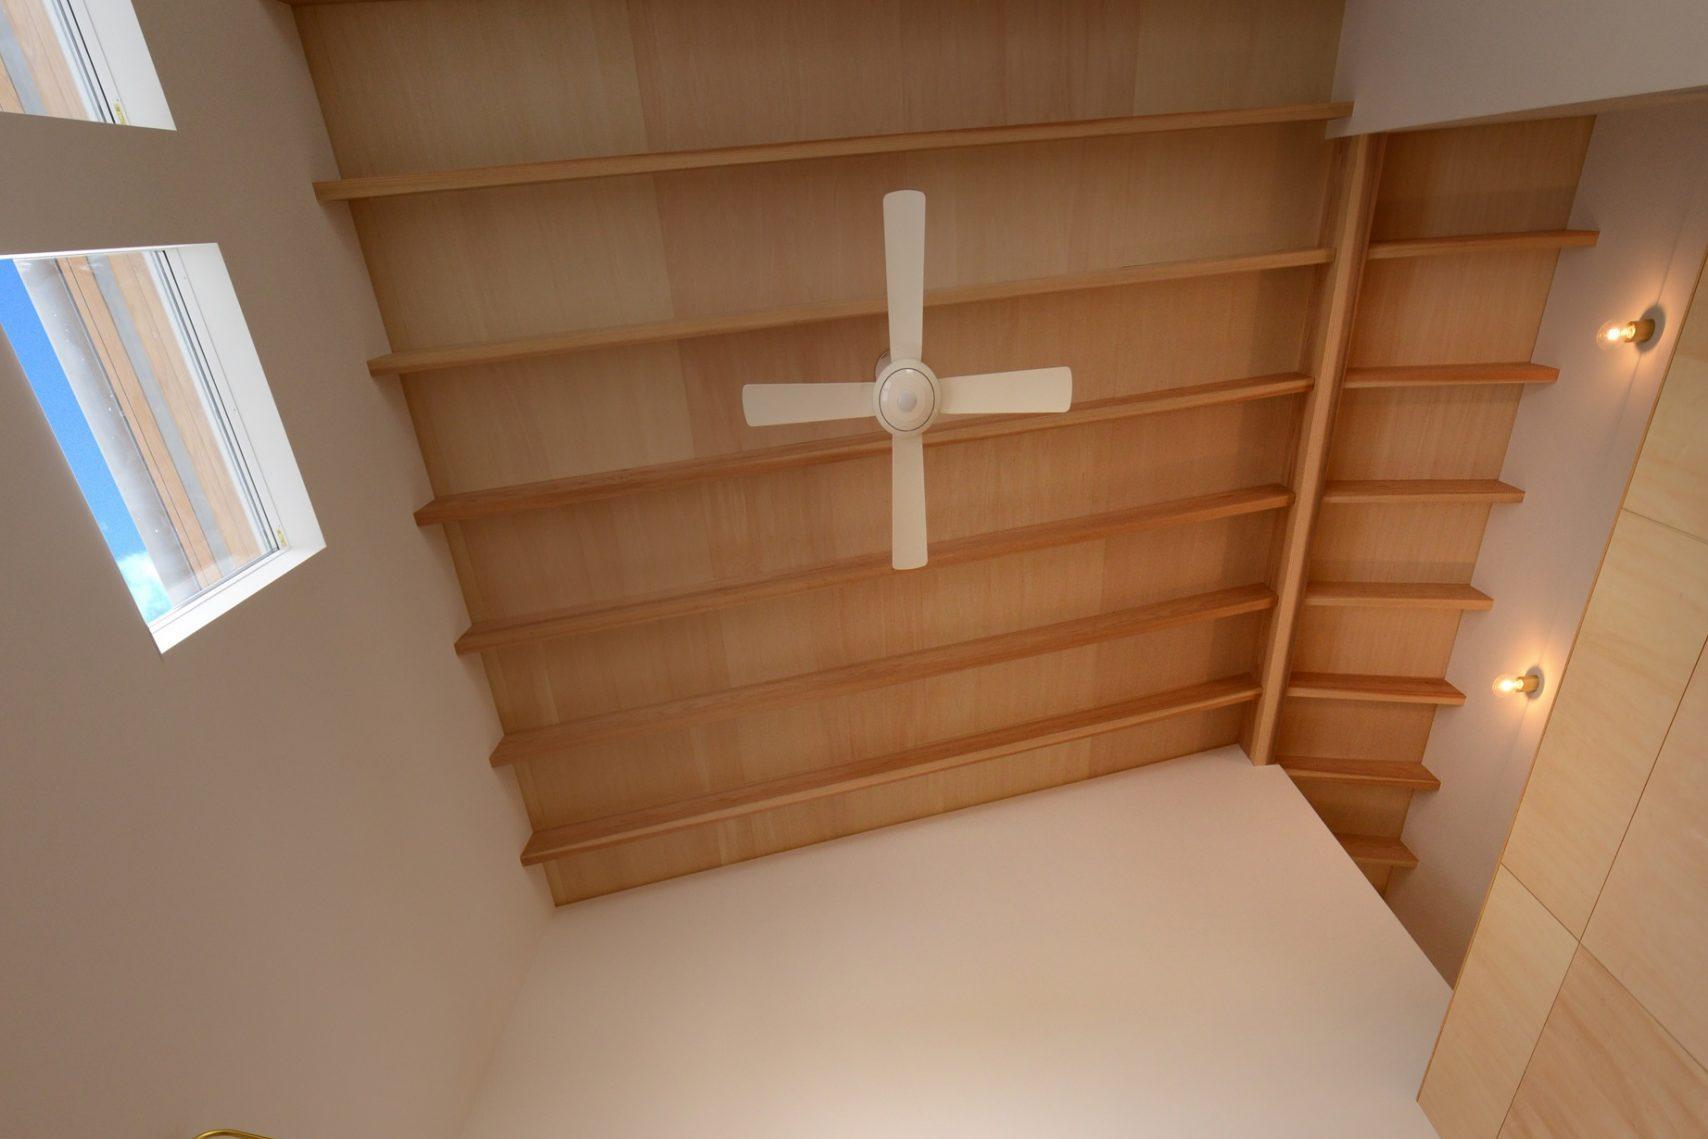 滴水(たるみず)の住宅:玄関ホールからすぐにLDKに通じます。吹抜けの大空間にせいの高いタルキが登梁となり、屋根を支えています。屋根にはフェノマフォーム、壁にはヒートコアパネルと断熱材では最上級の硬質ウレタンの中でも2トップの断熱材を使用しています。